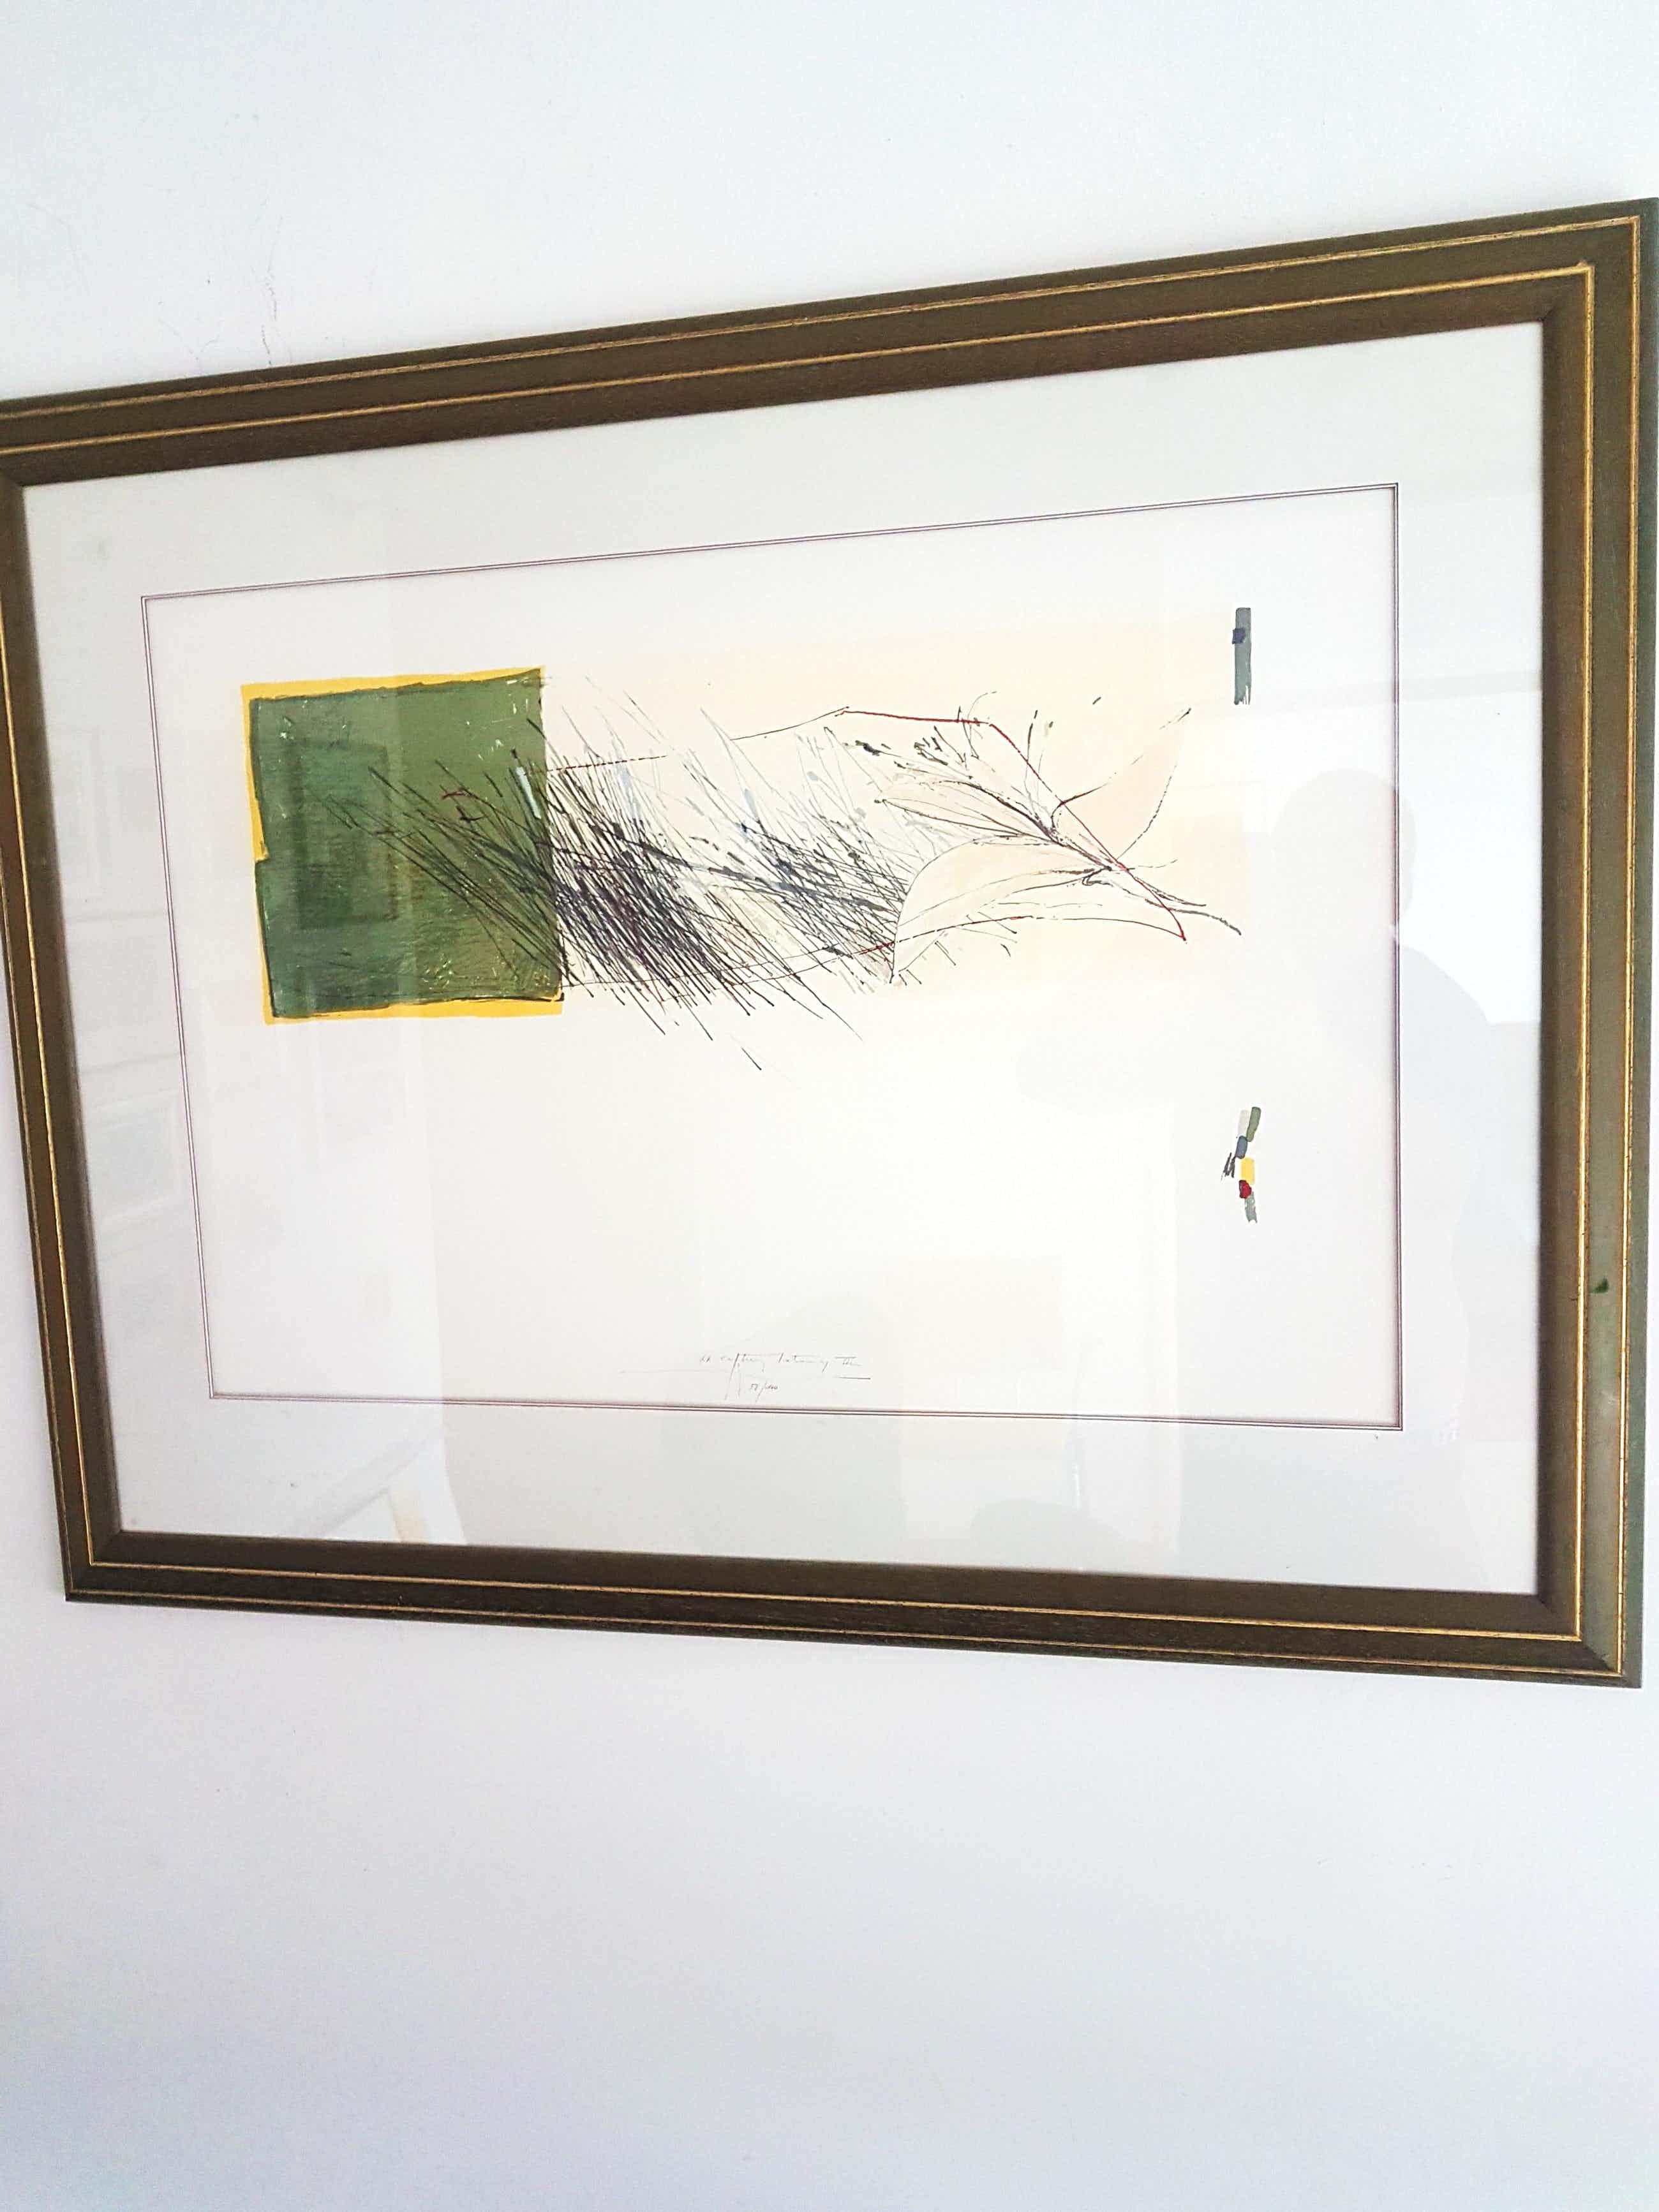 Martin R. Baeyens - Kunstenaar  kopen? Bied vanaf 70!